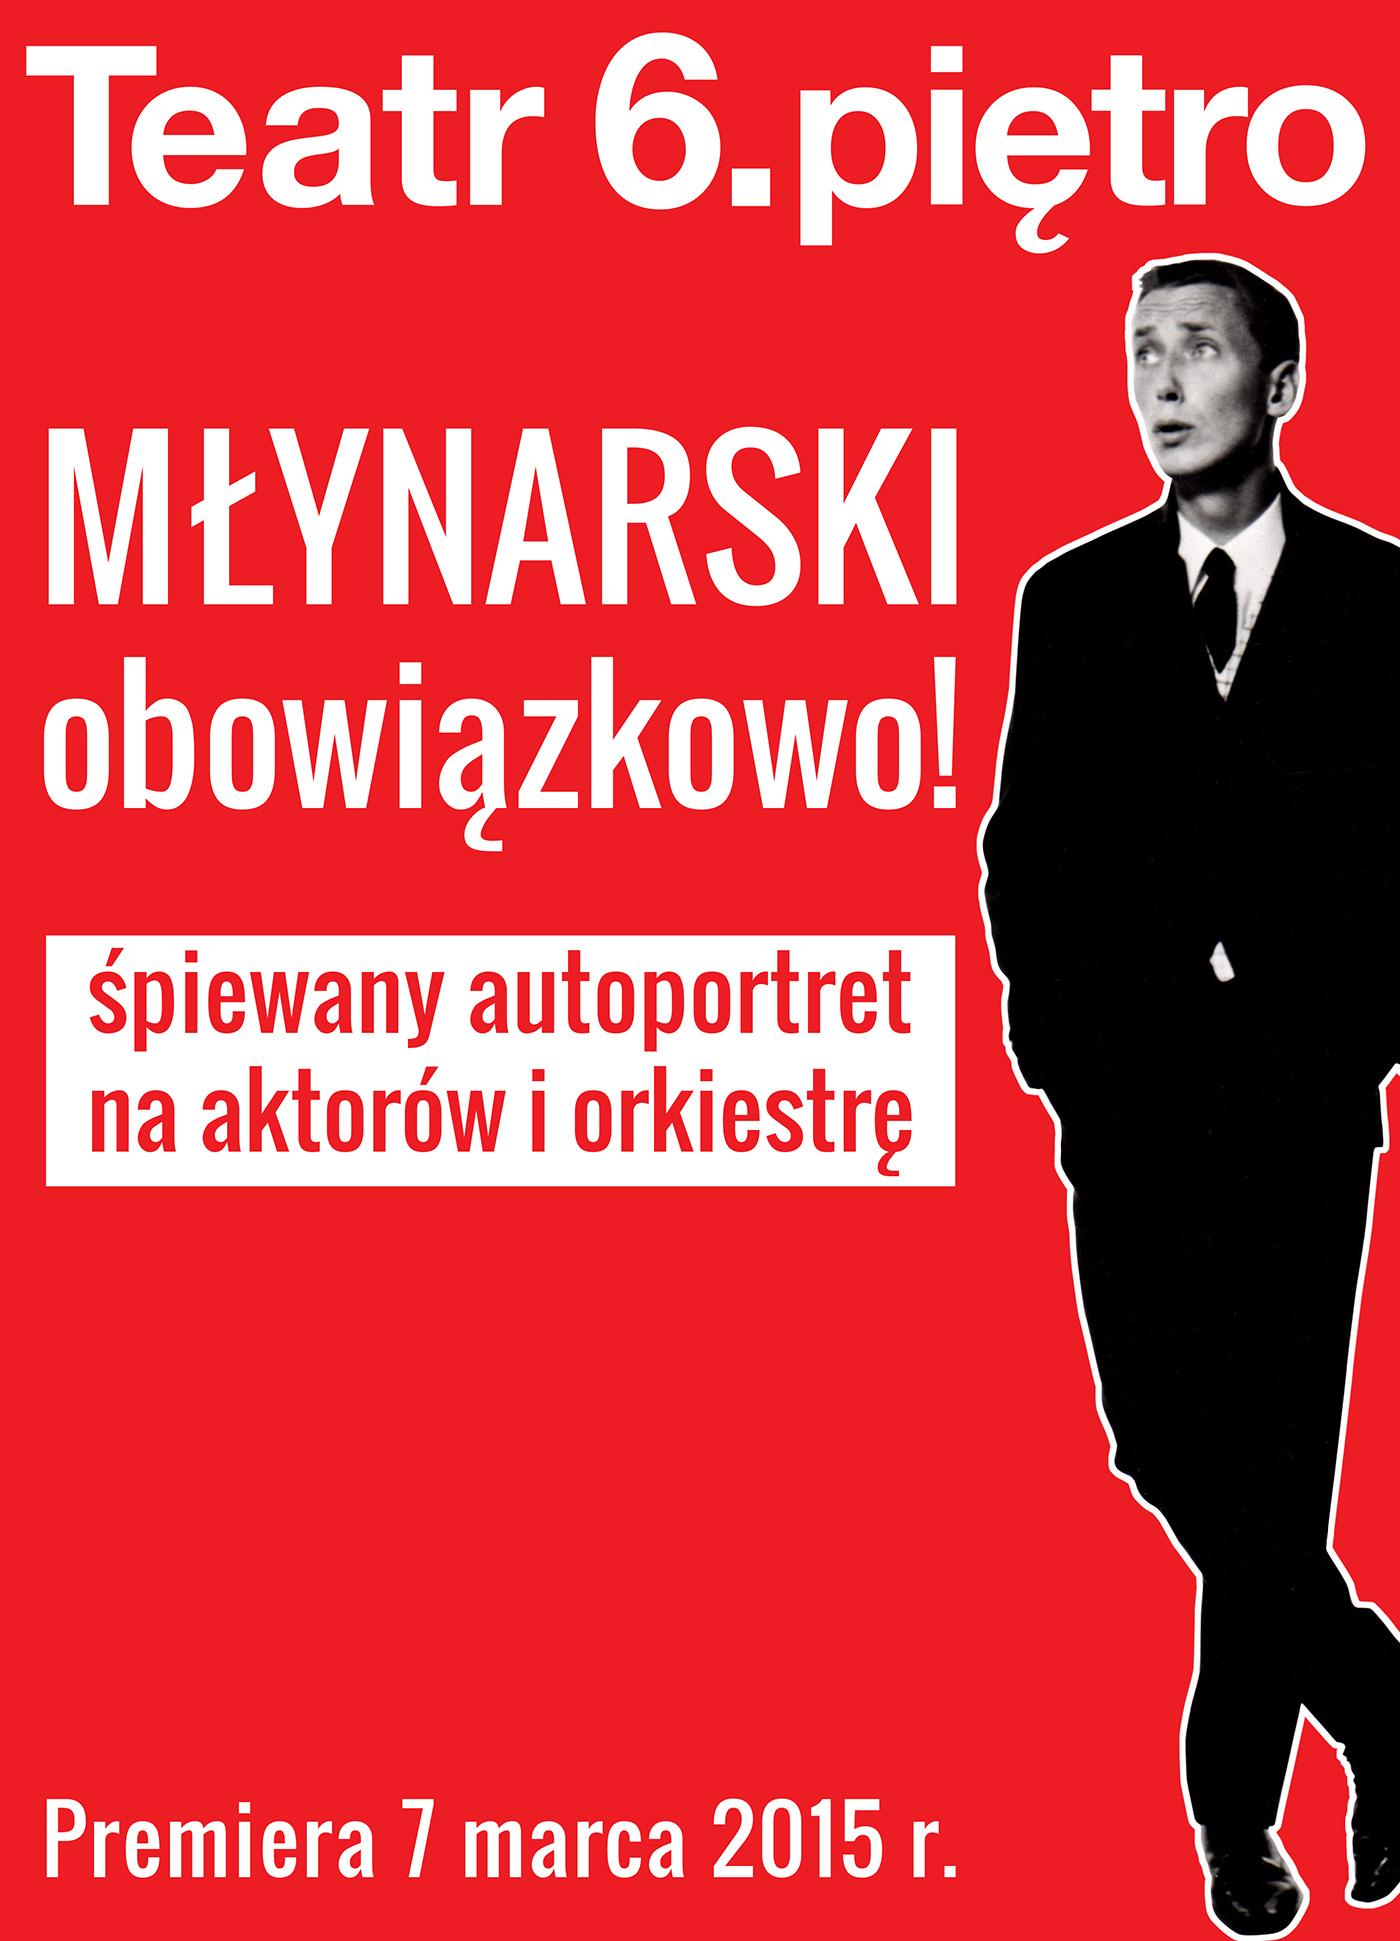 MŁYNARSKI obowiązkowo!, plakat (źródło: materiały prasowe organizatora)